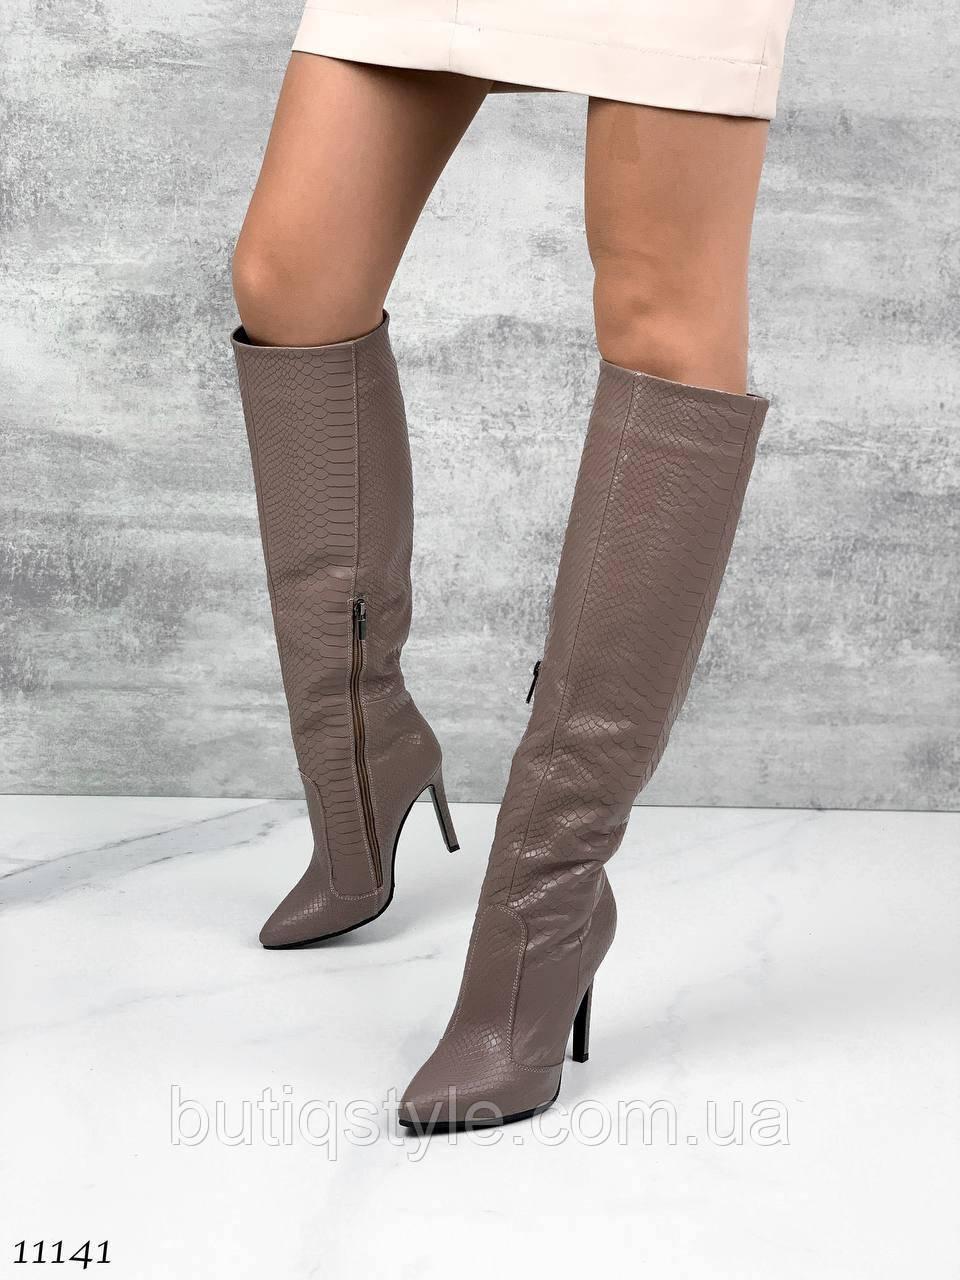 Жіночі чоботи капучіно натуральна шкіра рептилія Демі